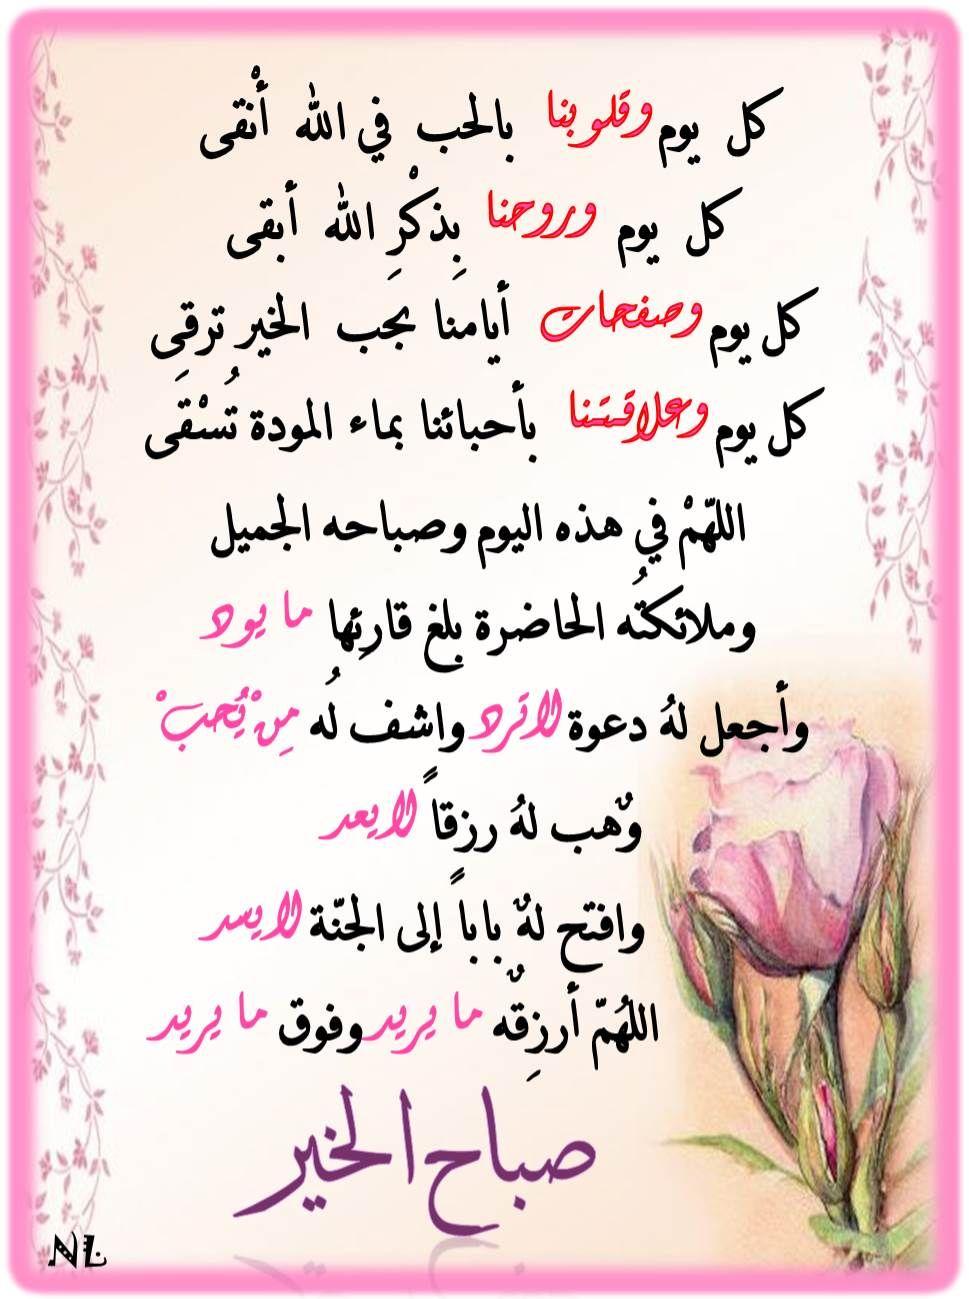 صباح الخير Image Quotes Relationship Quotes Life Quotes